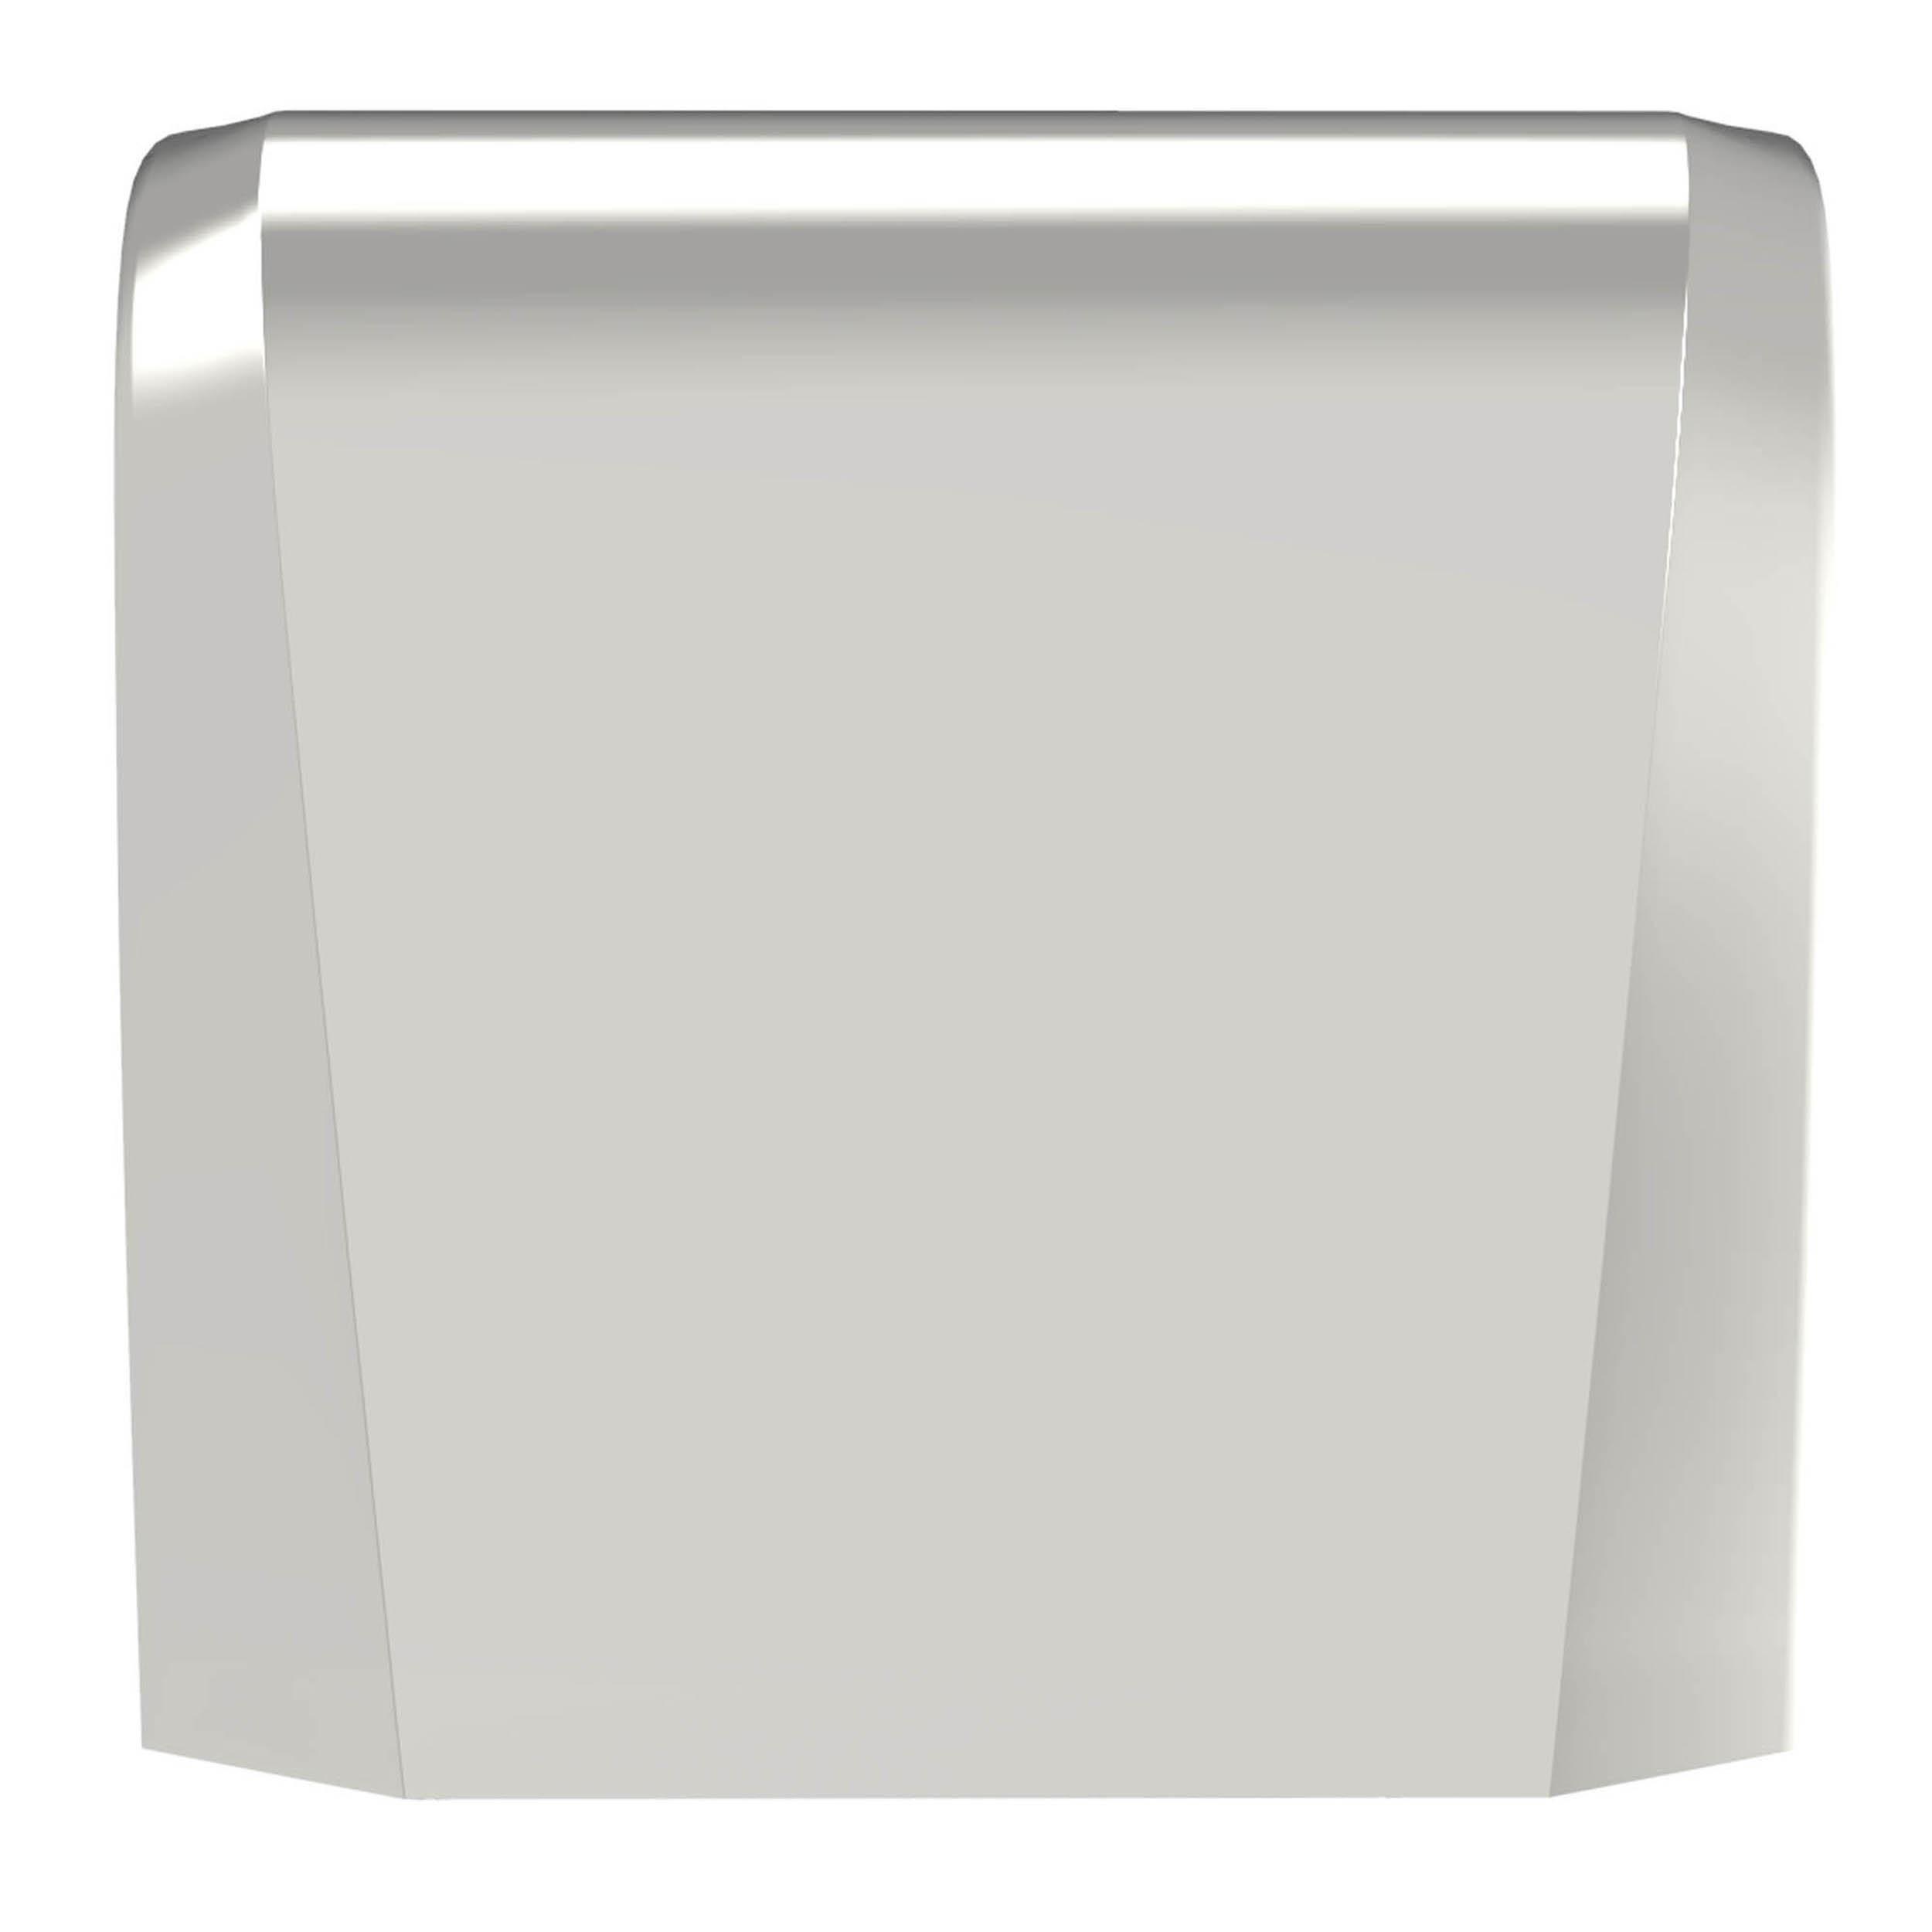 پایه رول دستمال کاغذی بنتی کد 1515 main 1 3